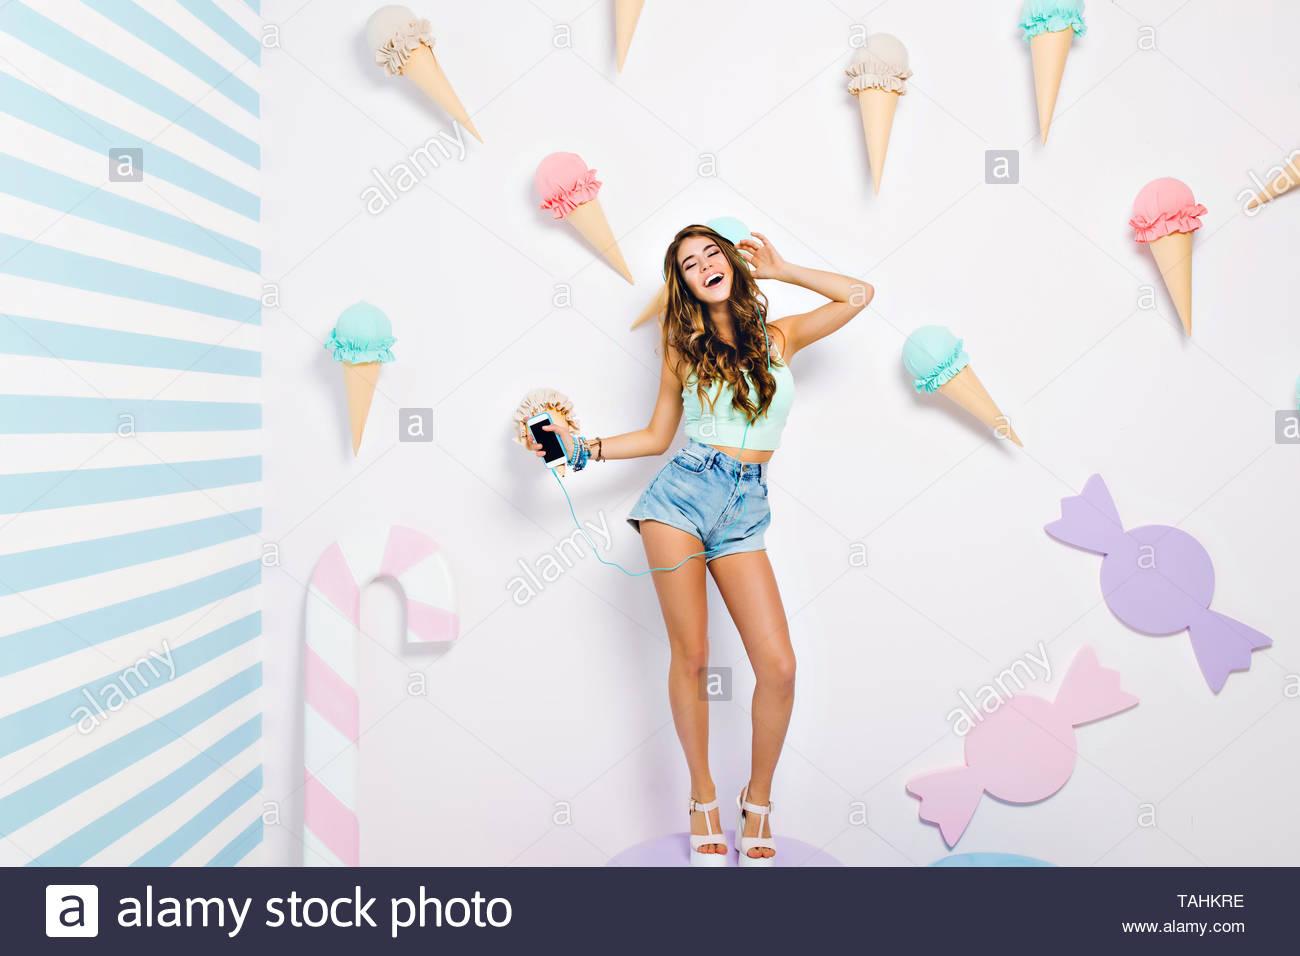 7d53d8aafa6 Ecstatic bronceada chica en denim shorts y sandalias blanco cantando  mientras disfruta de la música en